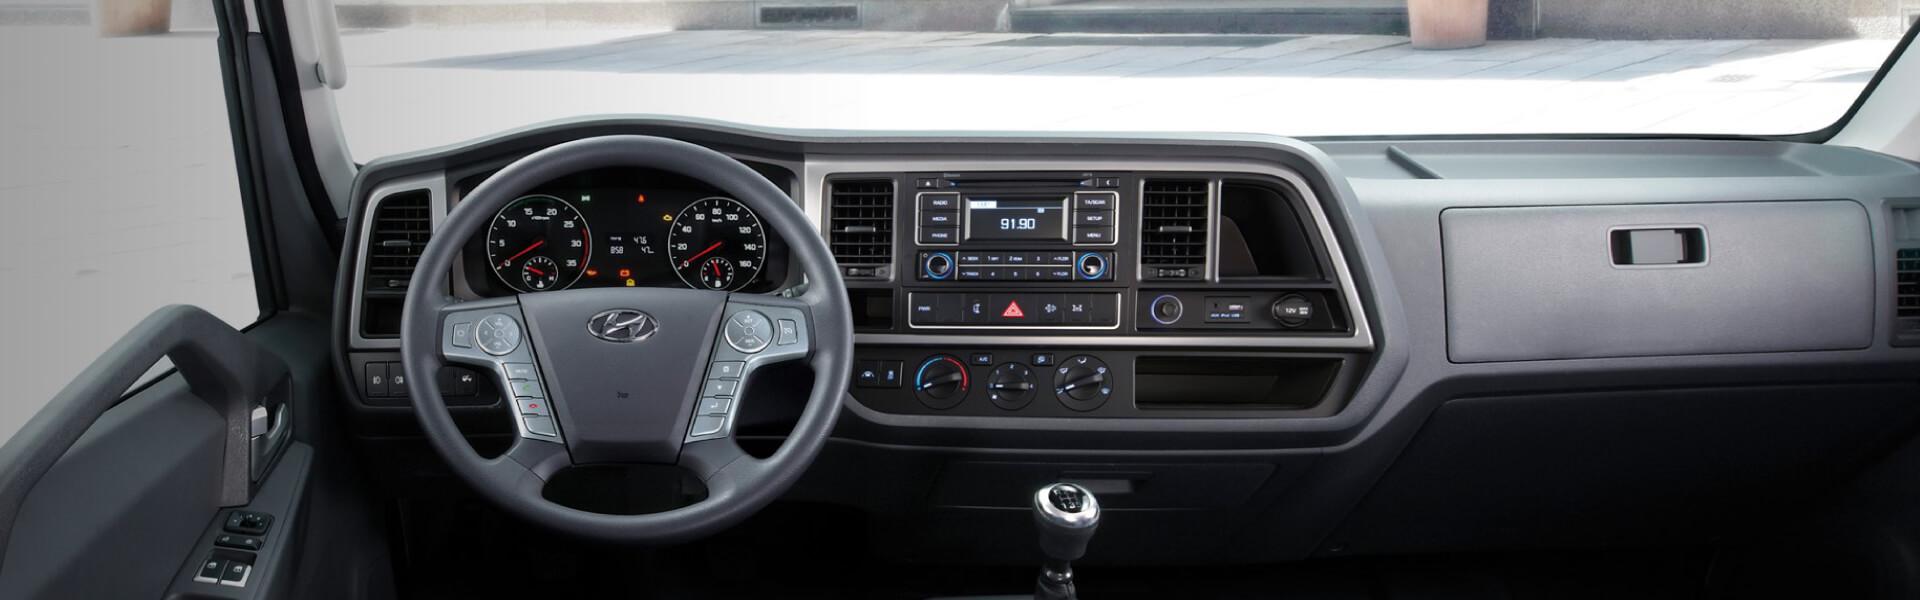 ex8-interior-header